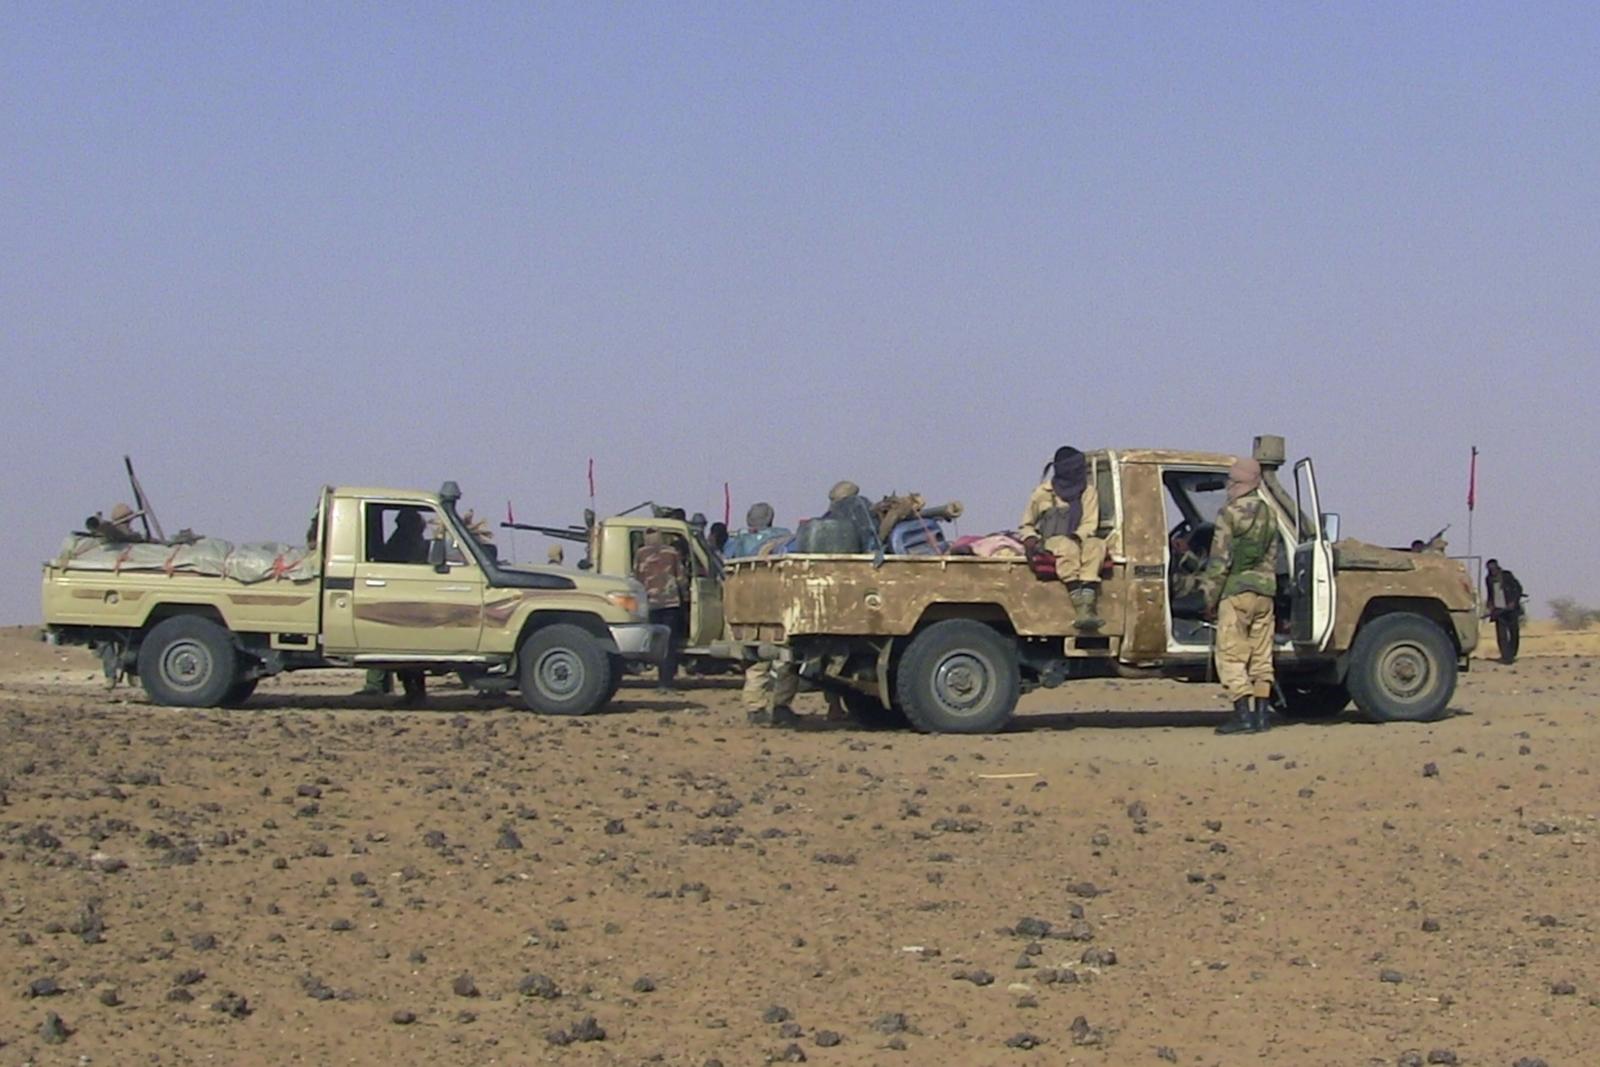 Algeria military